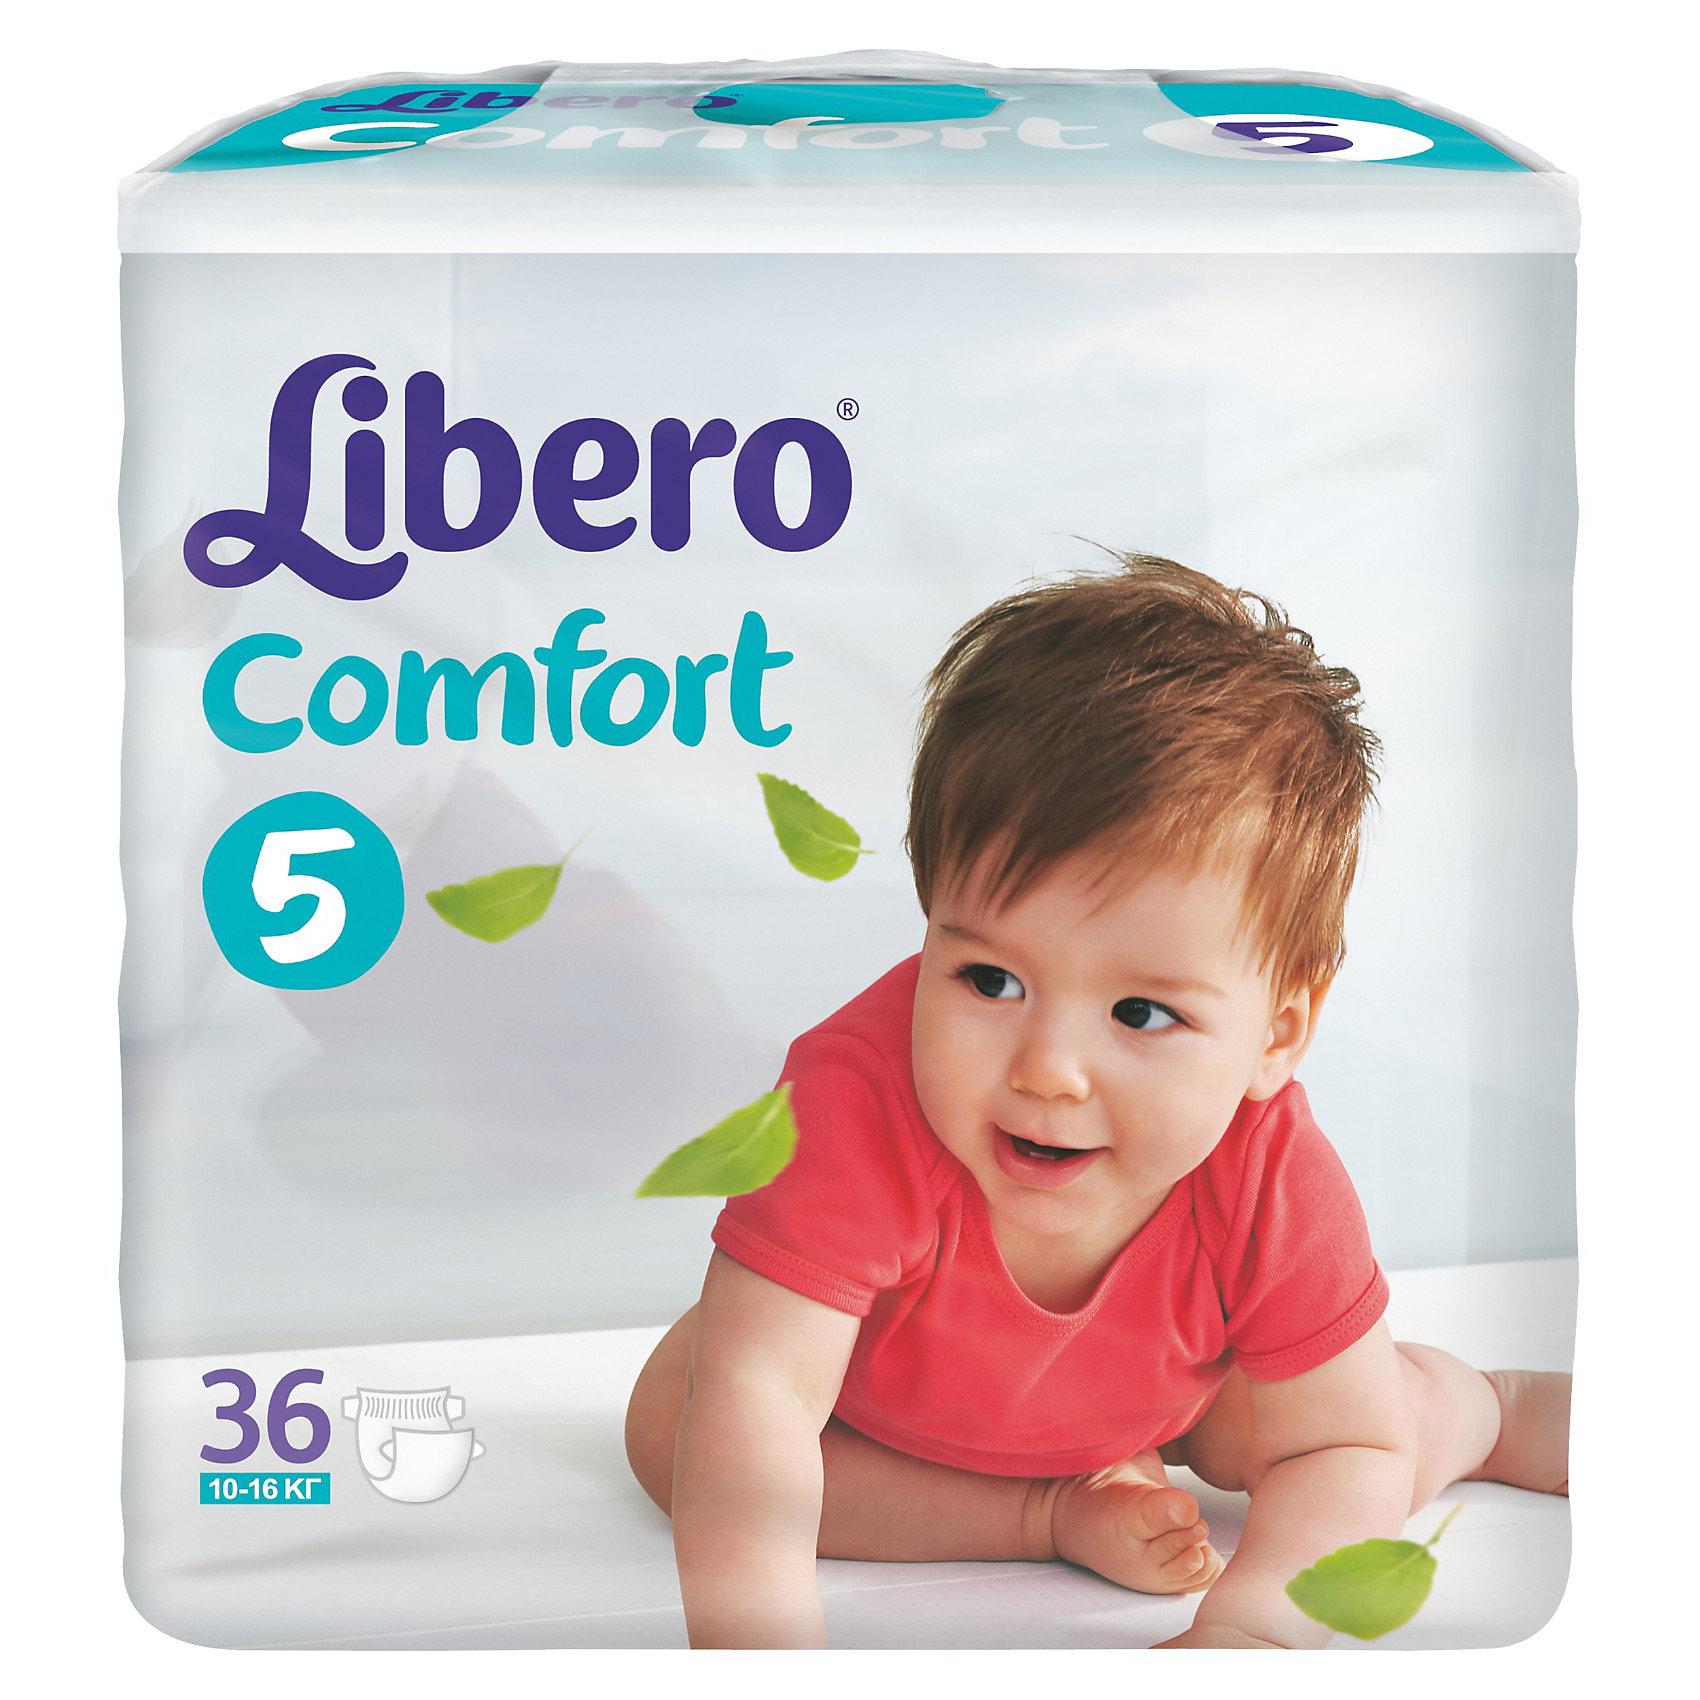 Подгузники Libero Comfort, Maxi Plus 10-16 кг (5), 36 шт.Подгузники более 12 кг.<br>Ультратонкие и мягкие подгузники с плотным абсорбционным слоем Libero Comfort (Либеро Комфорт), изготовленные из натуральных материалов, предотвращают возникновение сыпи и зуда, а также сохраняют кожу сухой в течение 12 часов. Широкие тянущиеся боковинки и эластичный поясок обеспечивают комфортное прилегание и защищают от протеканий. Мягкие барьерчики анатомической формы вокруг ножек не натирают нежную кожу, а микроскопические отверстия обеспечивают циркуляцию воздуха, чтобы попка не сопрела. На поясе расположен цветной индикатор, который поможет подобрать памперс по размеру: в правильном положении застежки должны находиться по центру.<br><br>Дополнительная информация:<br><br>- Размер: 5, Maxi Plus 10-16 кг<br>- В упаковке: 36 шт.<br><br>Подгузники Libero Comfort (Либеро Комфорт), Maxi Plus 10-16 кг (5), 36 шт. можно купить в нашем интернет-магазине.<br><br>Ширина мм: 127<br>Глубина мм: 240<br>Высота мм: 218<br>Вес г: 1316<br>Возраст от месяцев: 6<br>Возраст до месяцев: 36<br>Пол: Унисекс<br>Возраст: Детский<br>SKU: 3517617